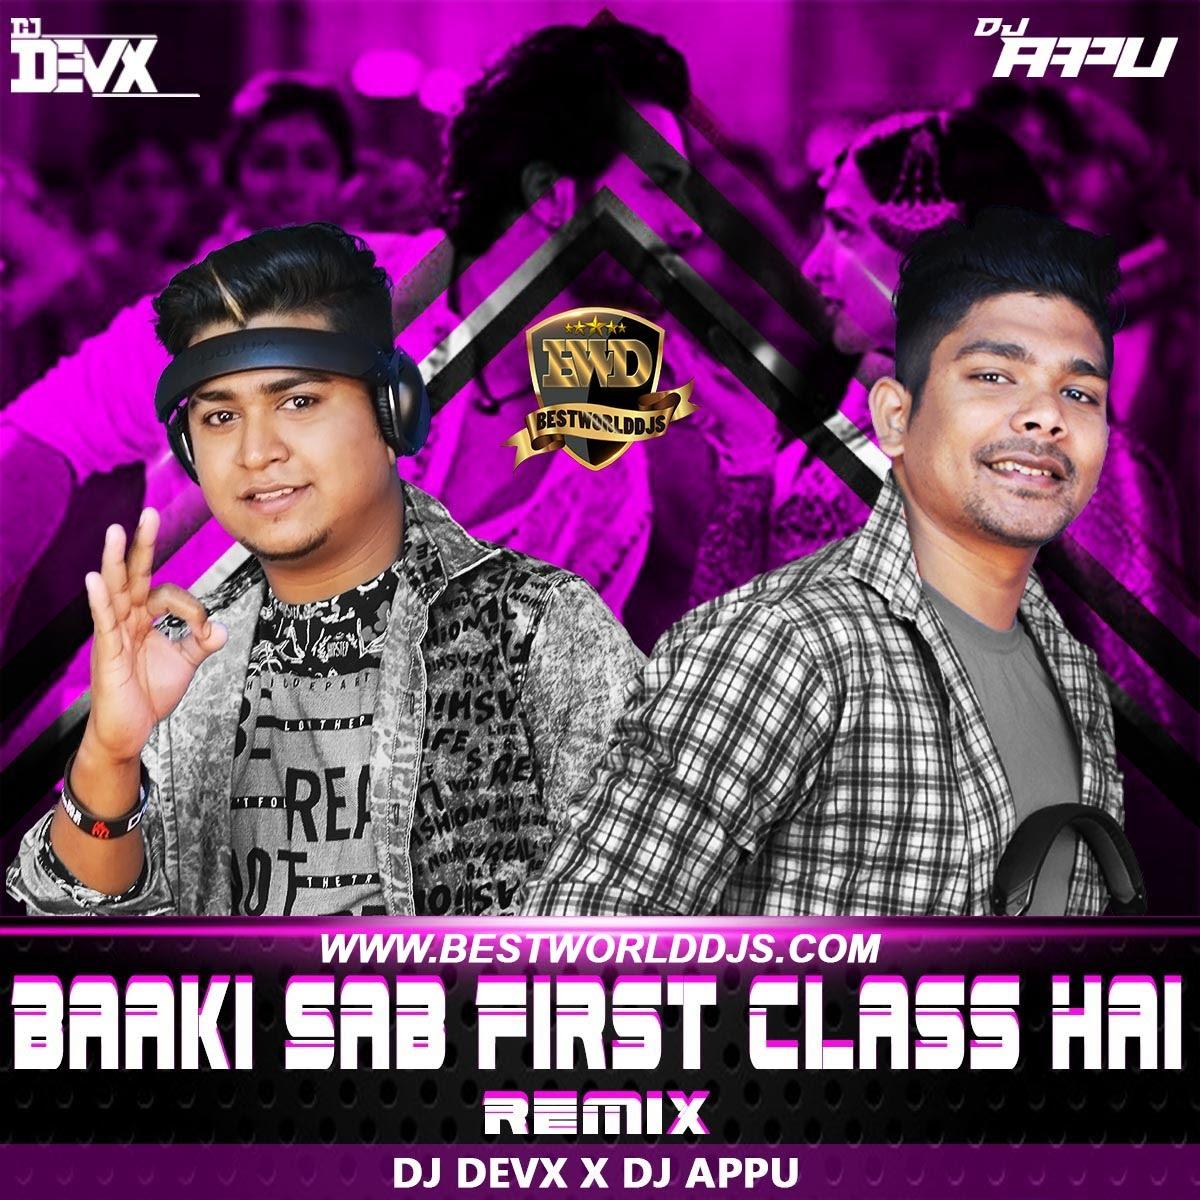 Baaki Sab First Class Hai (Remix) - DJ Devx X DJ Appu